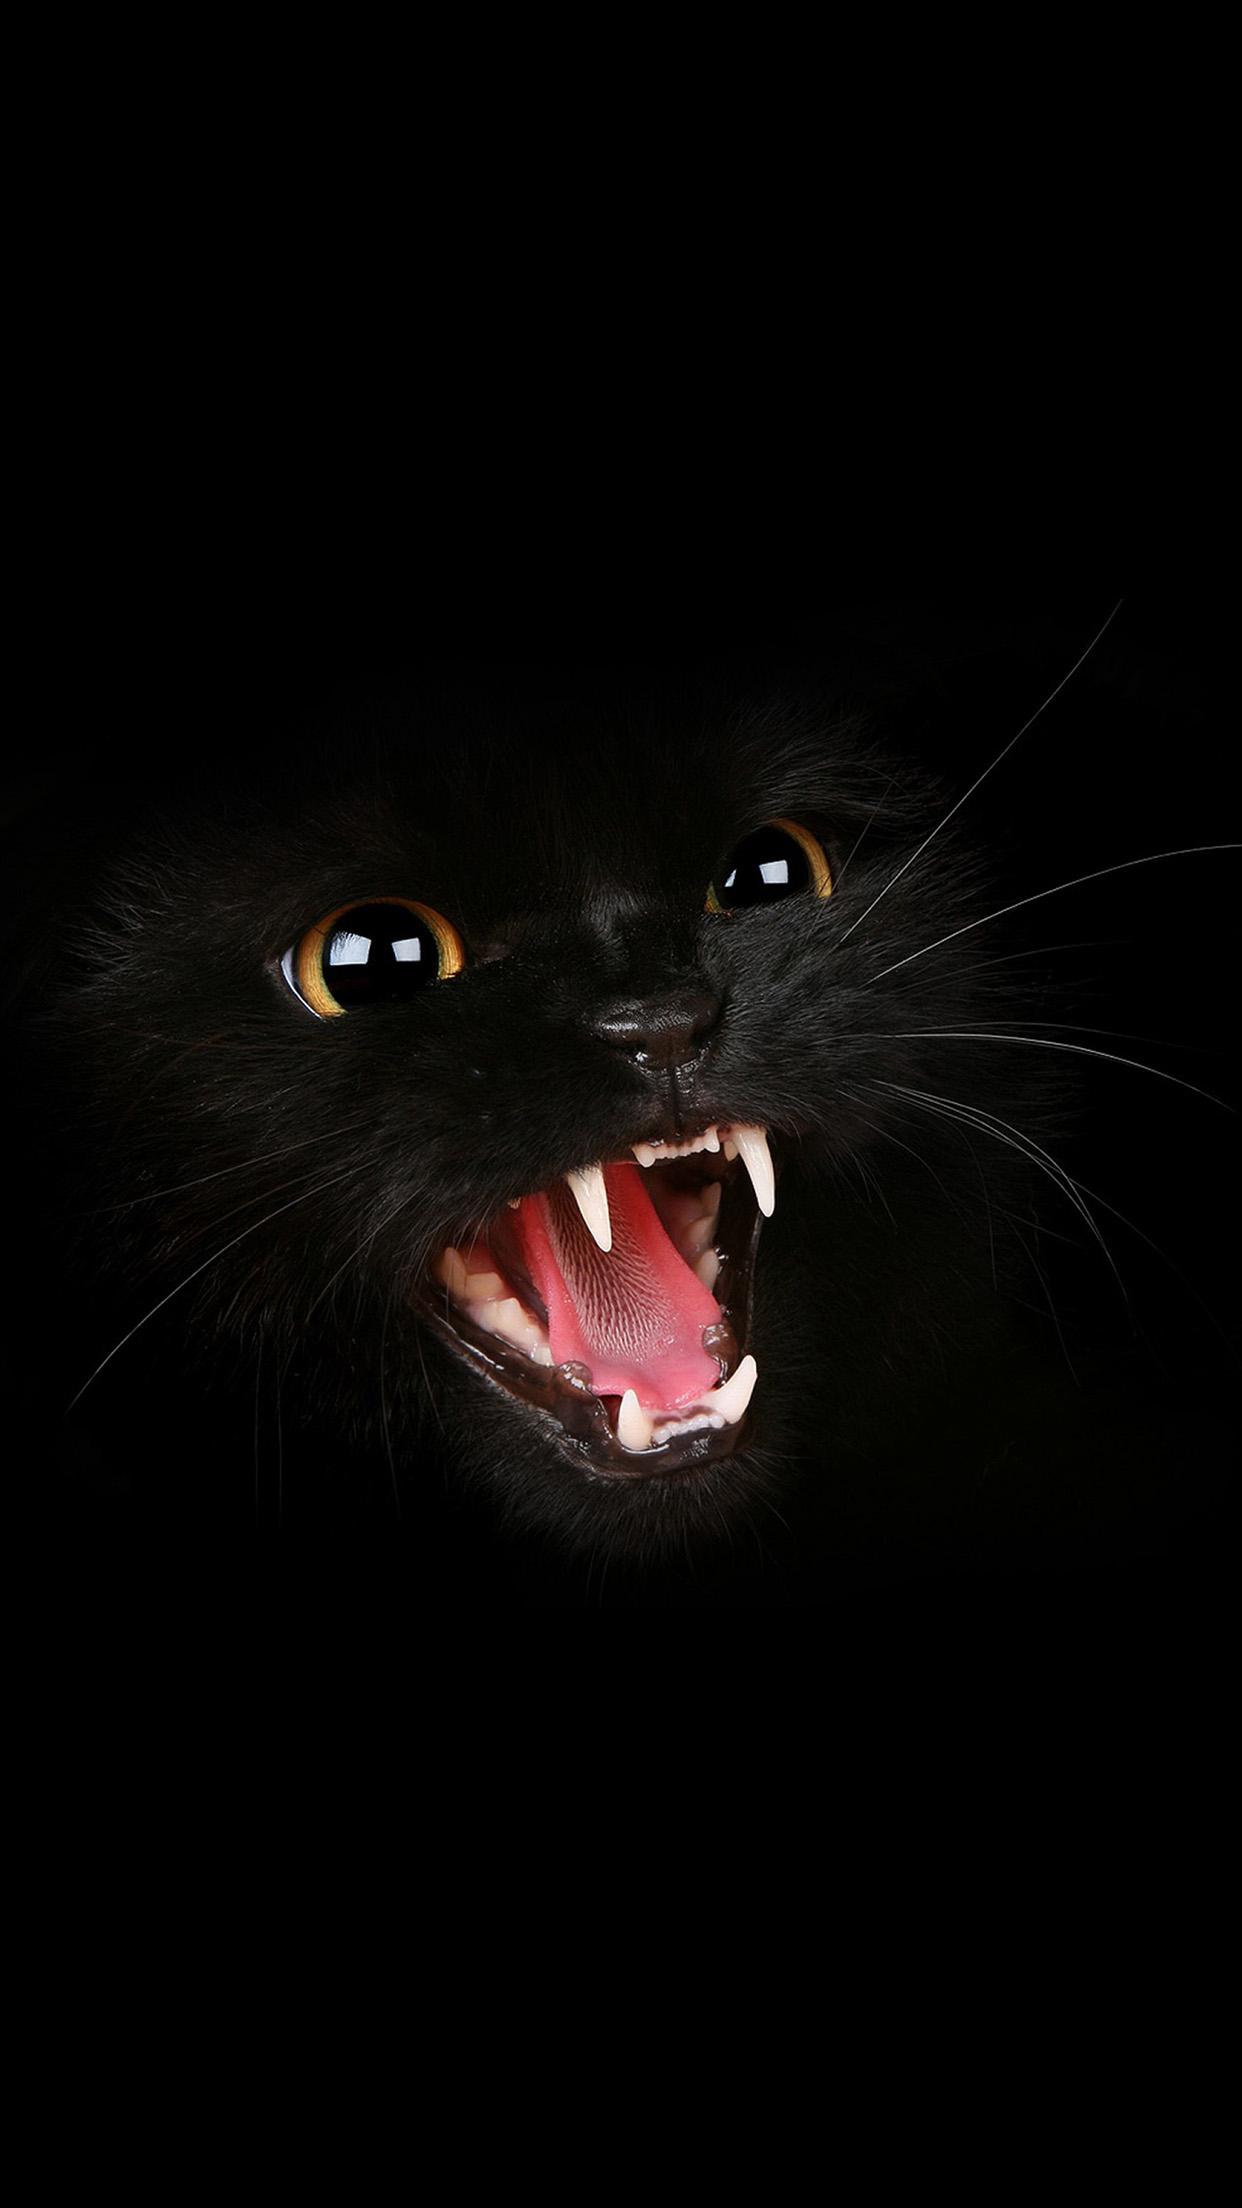 картинки для телефона черный кот незаменимый